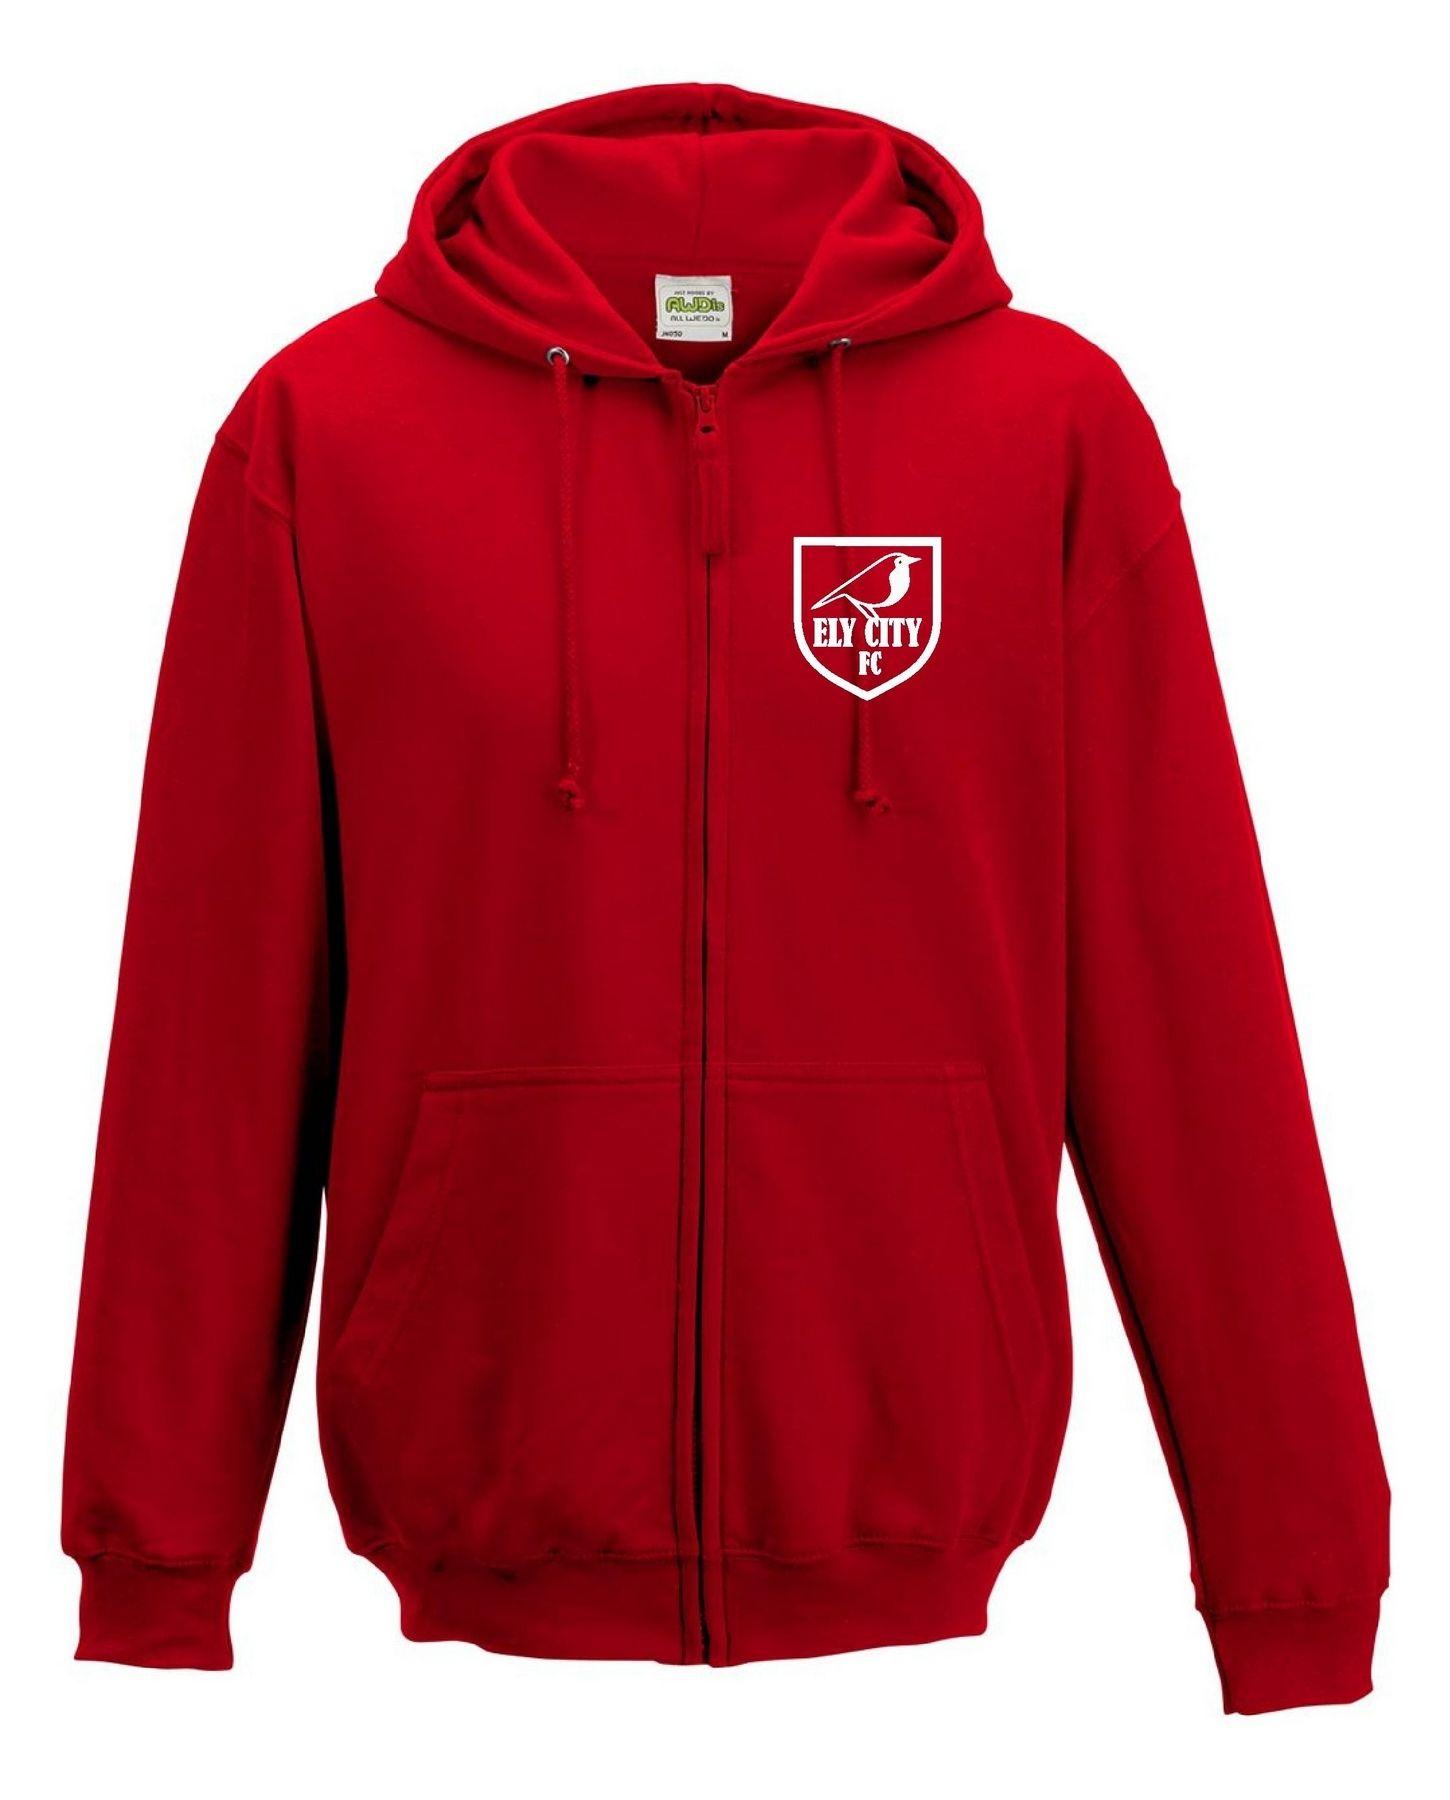 ECFC – Zip Hoodie in Red